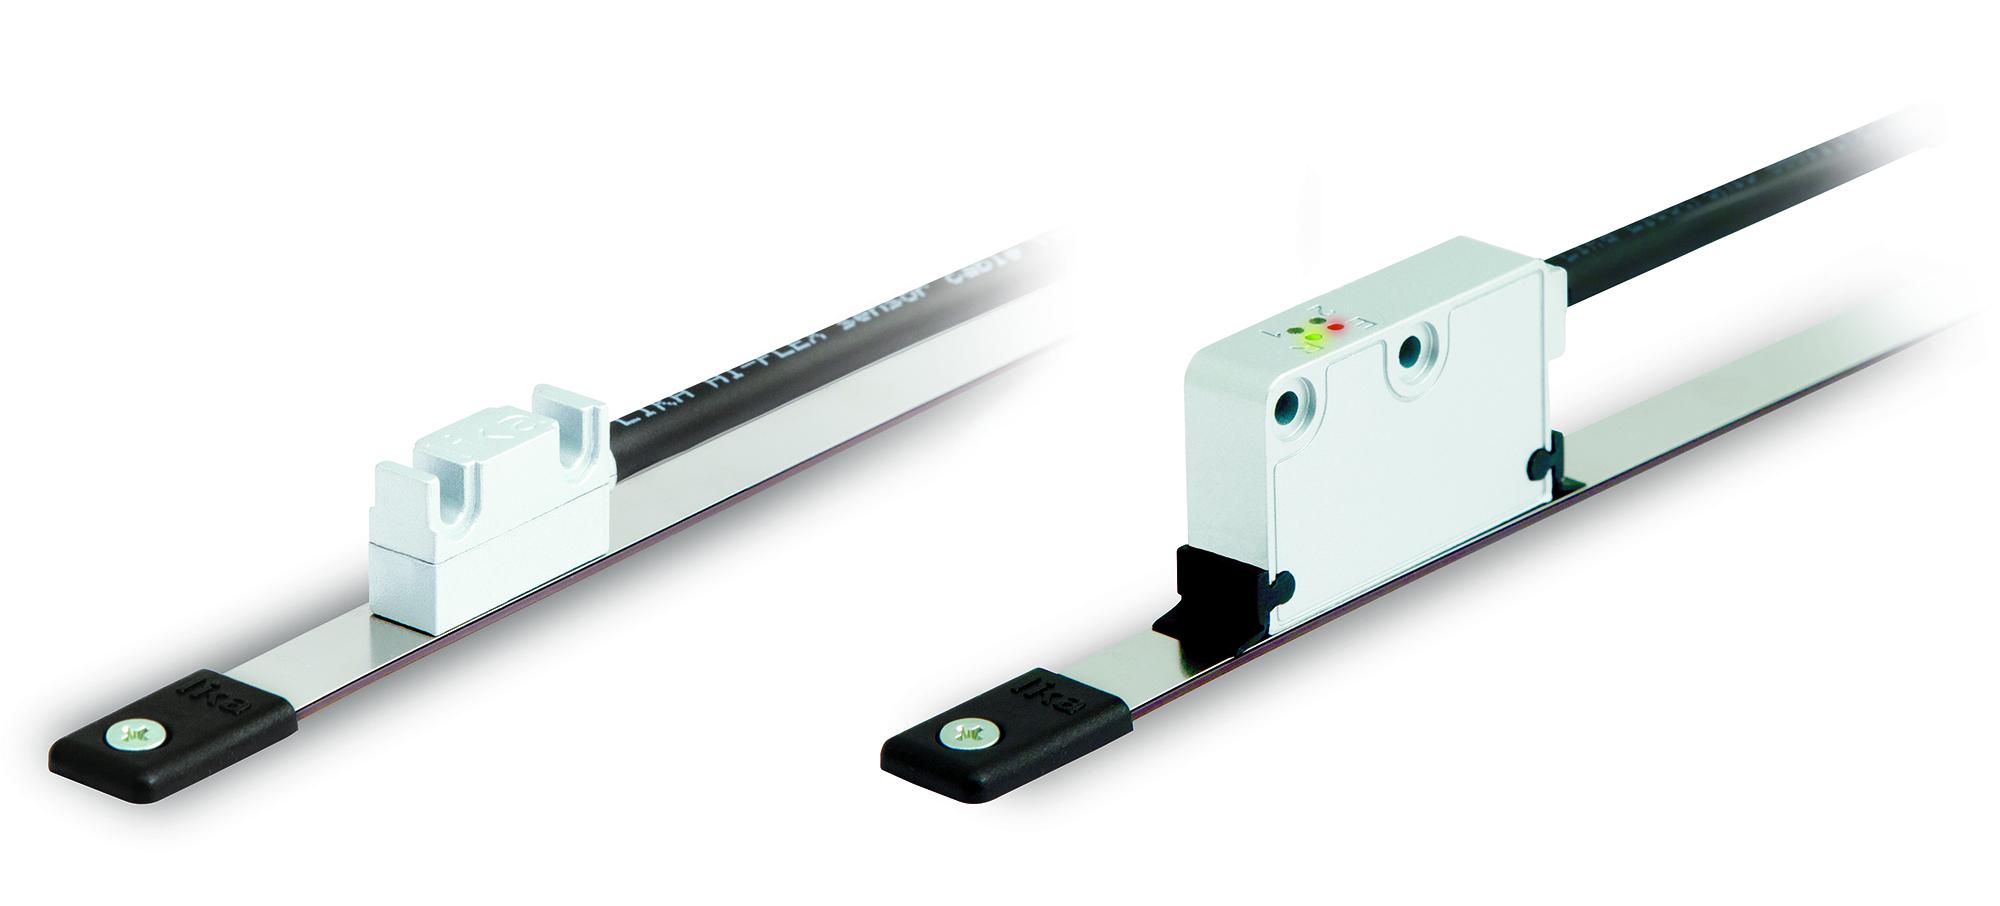 Magnetische Linearmesssysteme mit 1Vss Sinus-Cosinus-Ausgängen